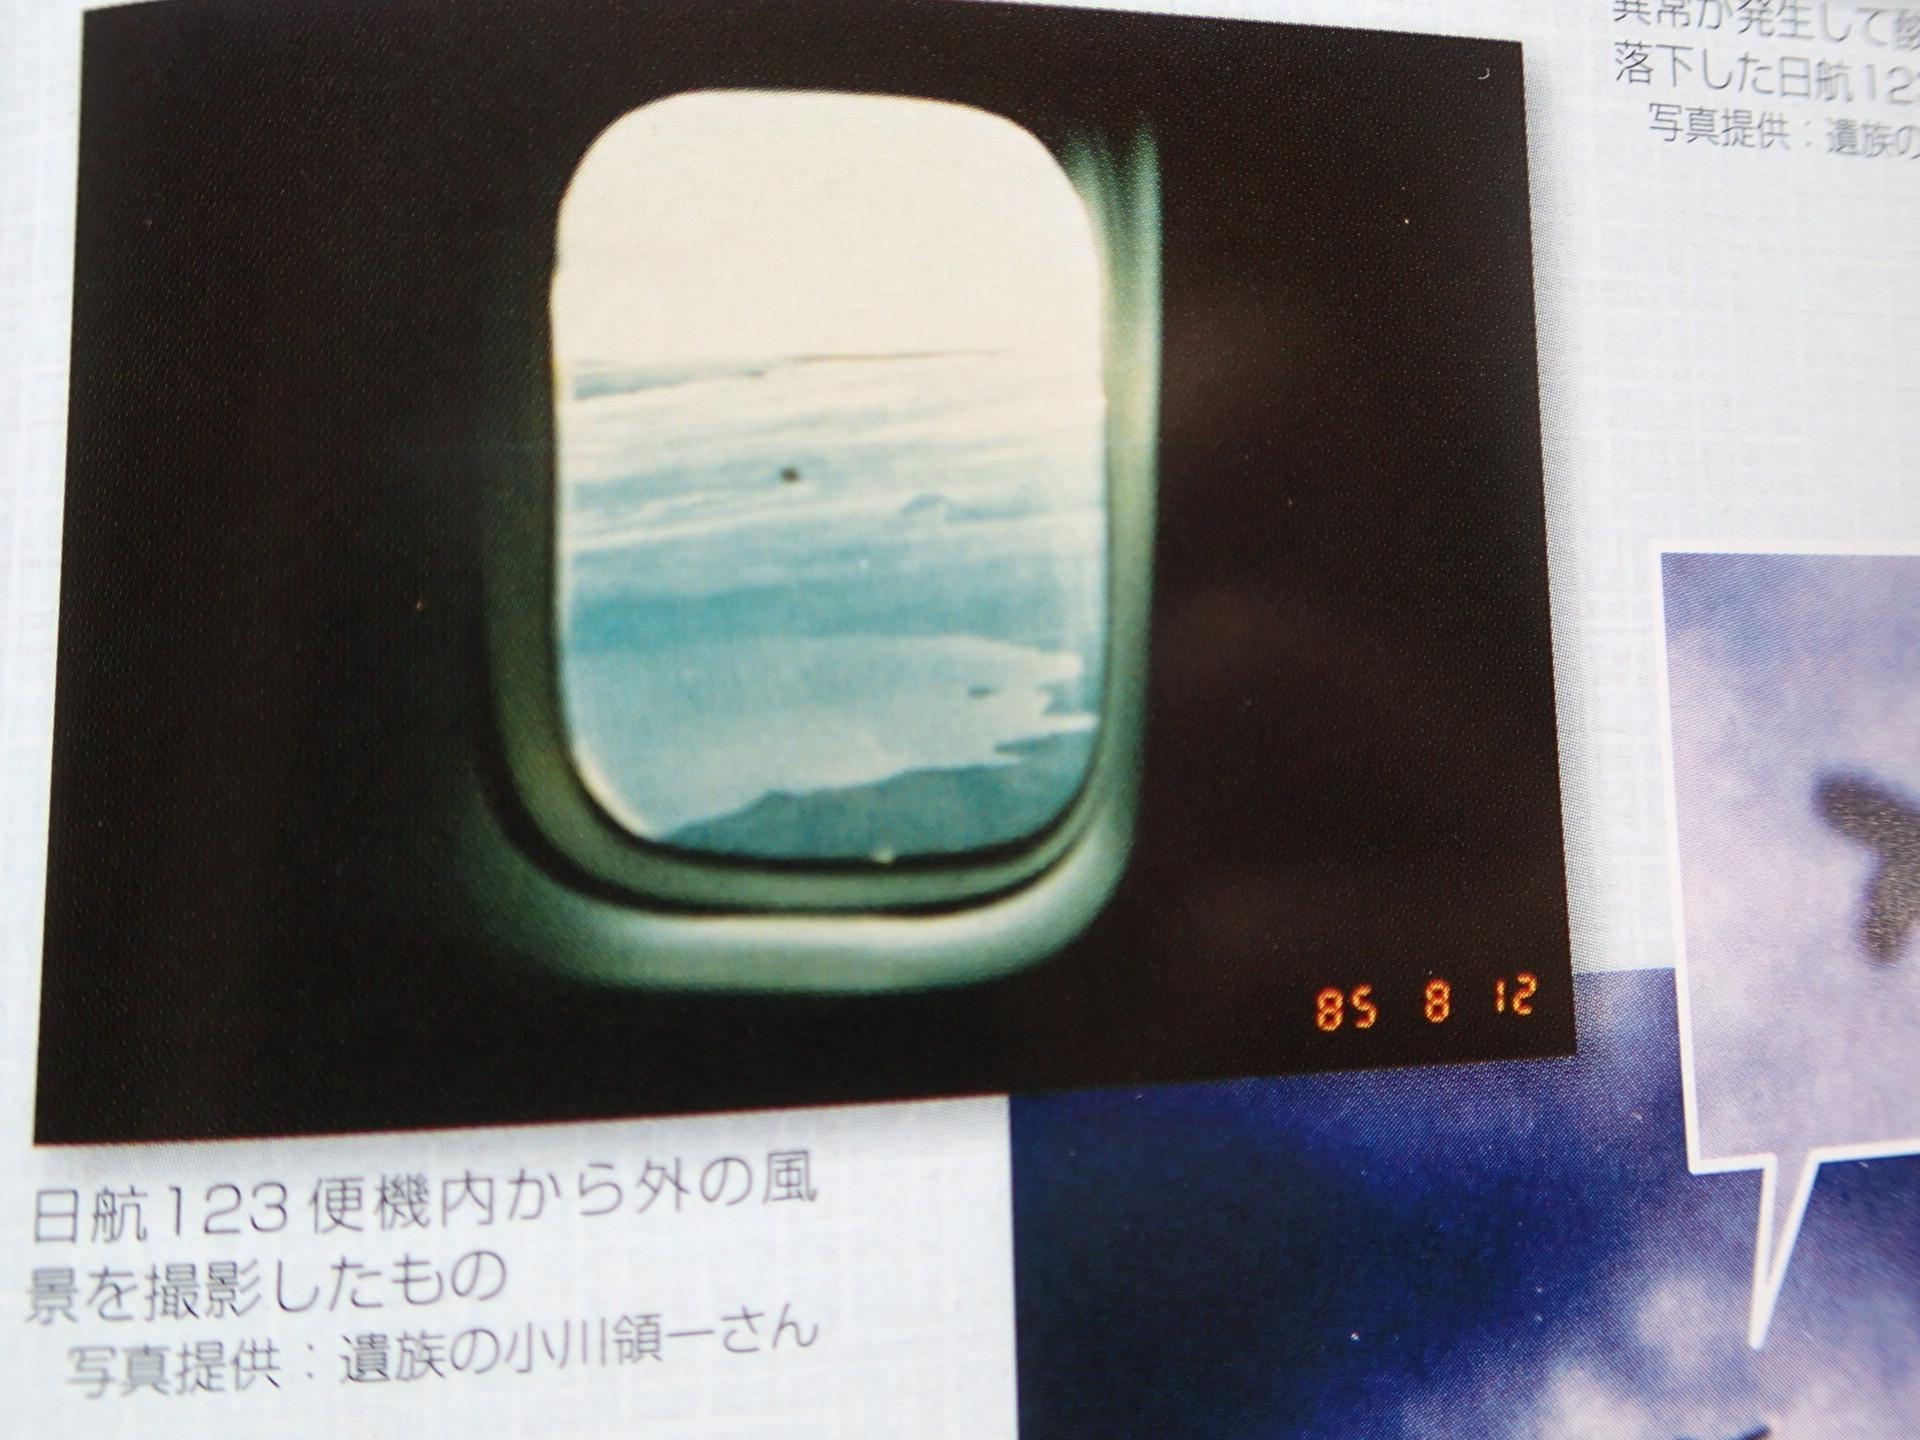 事故 真相 日航 123 便 機 墜落 の